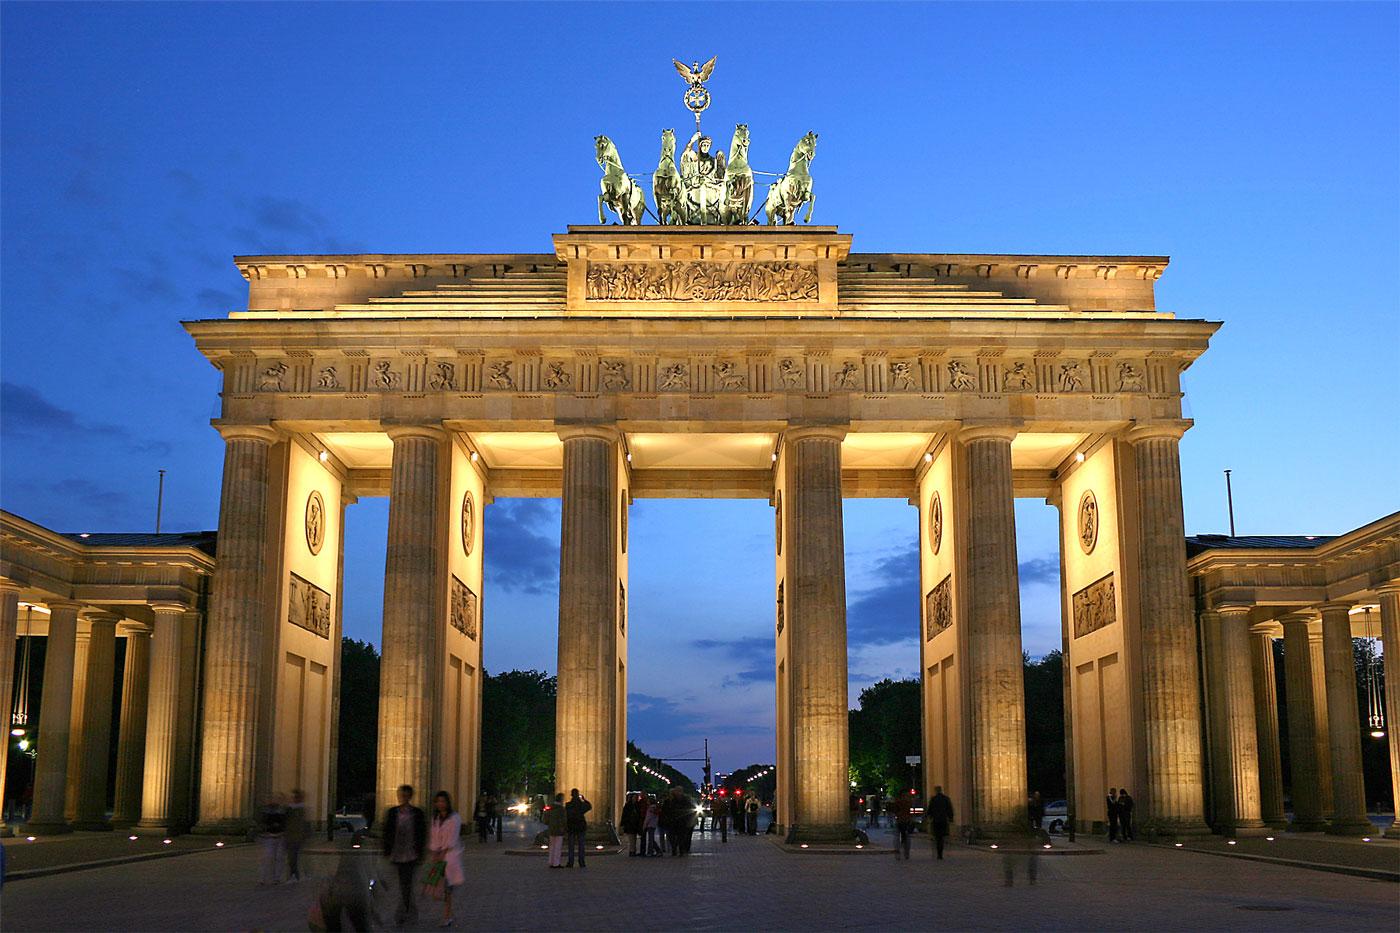 پذیرش دانشگاه آلمان یونی اسیست | تهران کردیت کارت